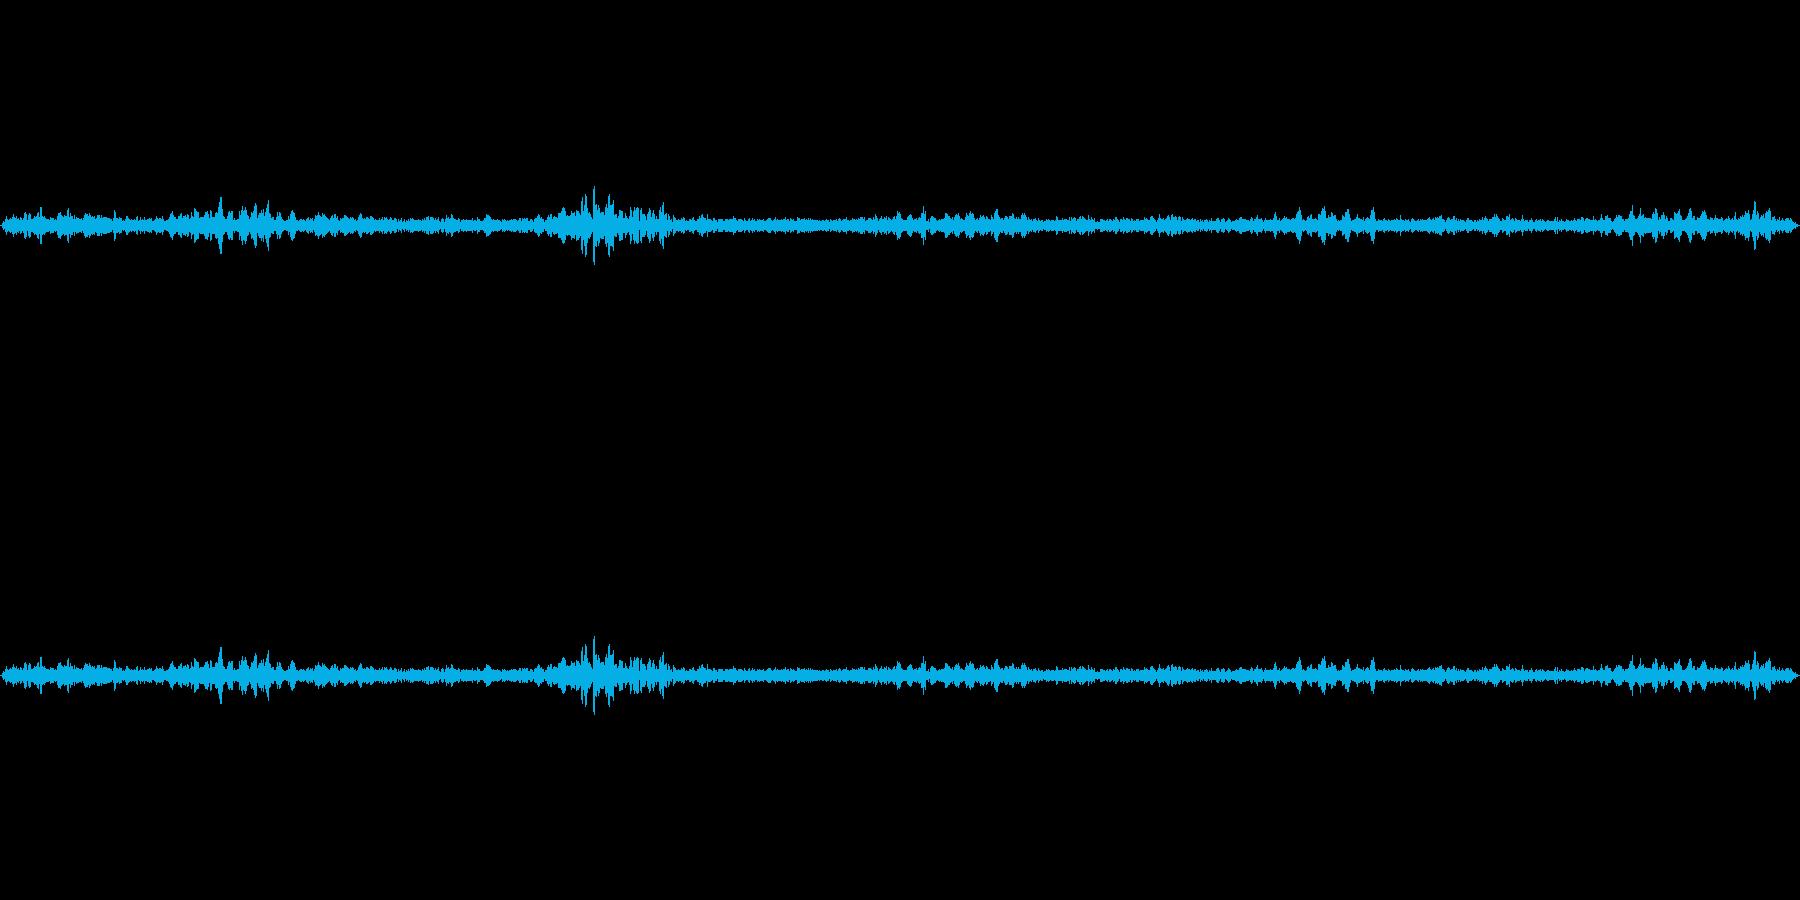 約30秒の鳥の声環境音です。の再生済みの波形